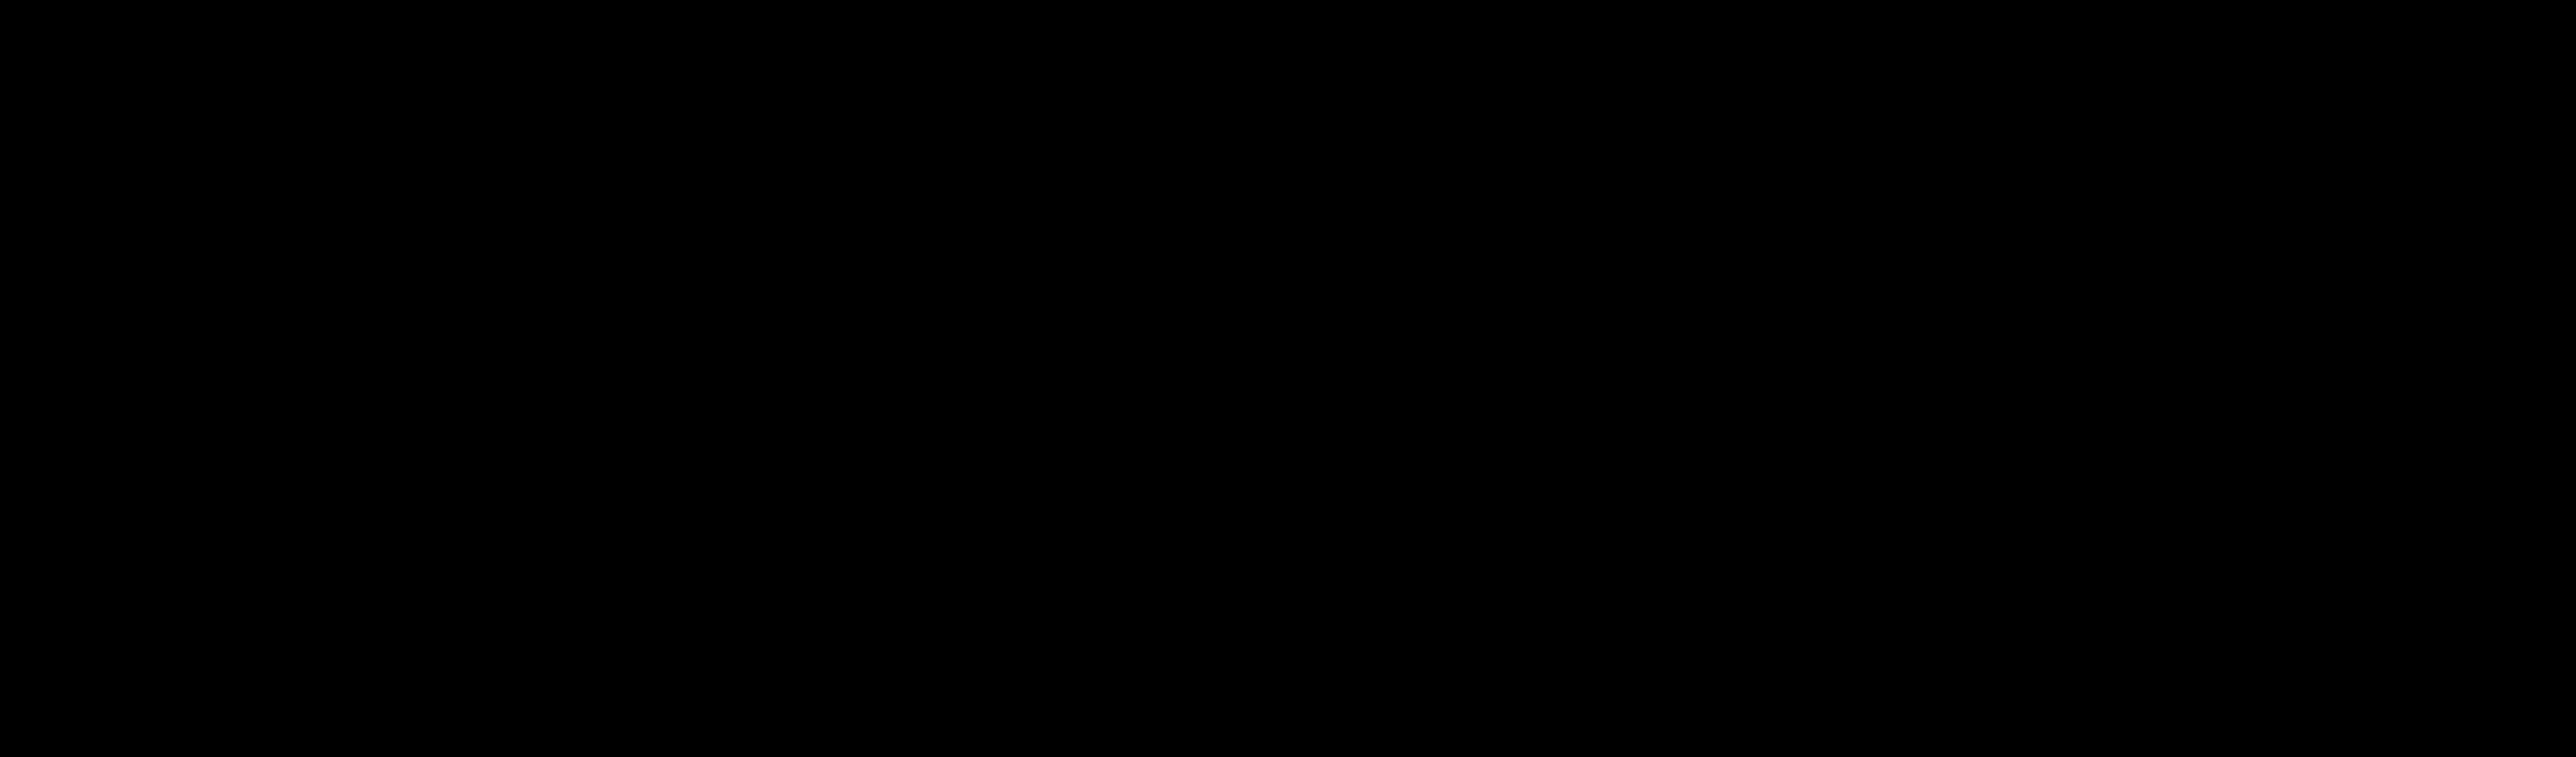 Full-Black (1)